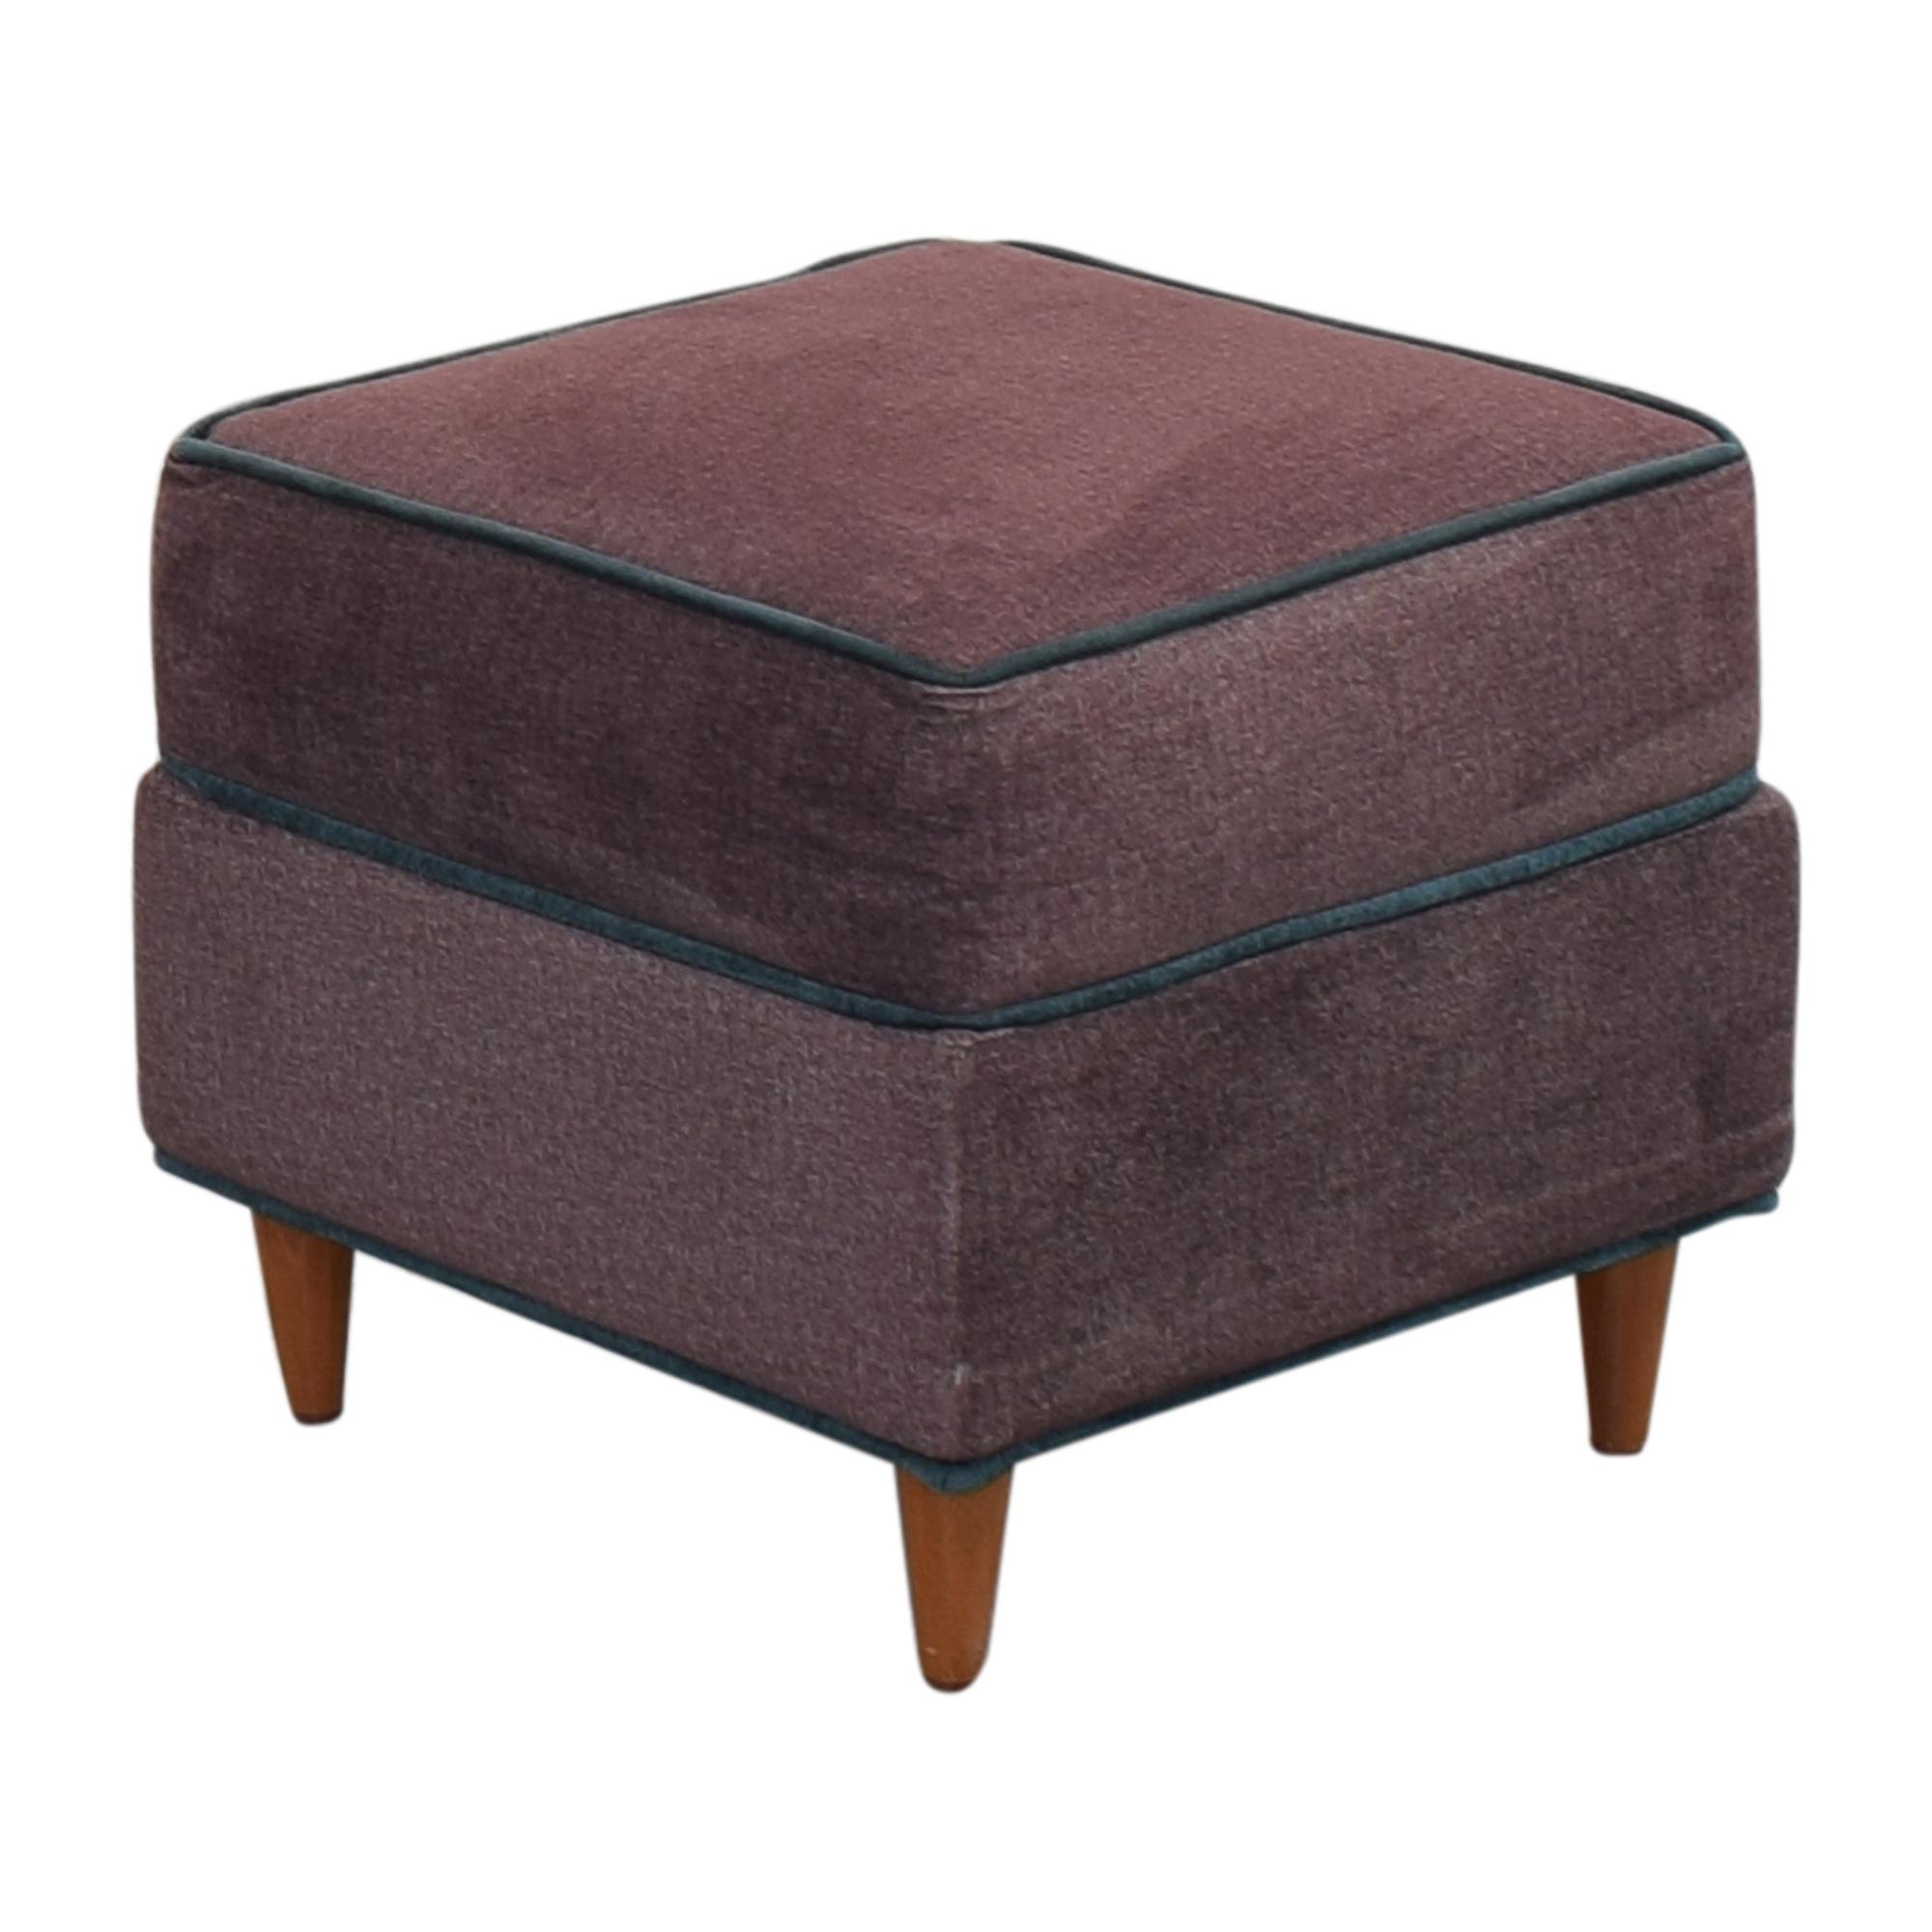 Custom Upholstered Ottoman nj